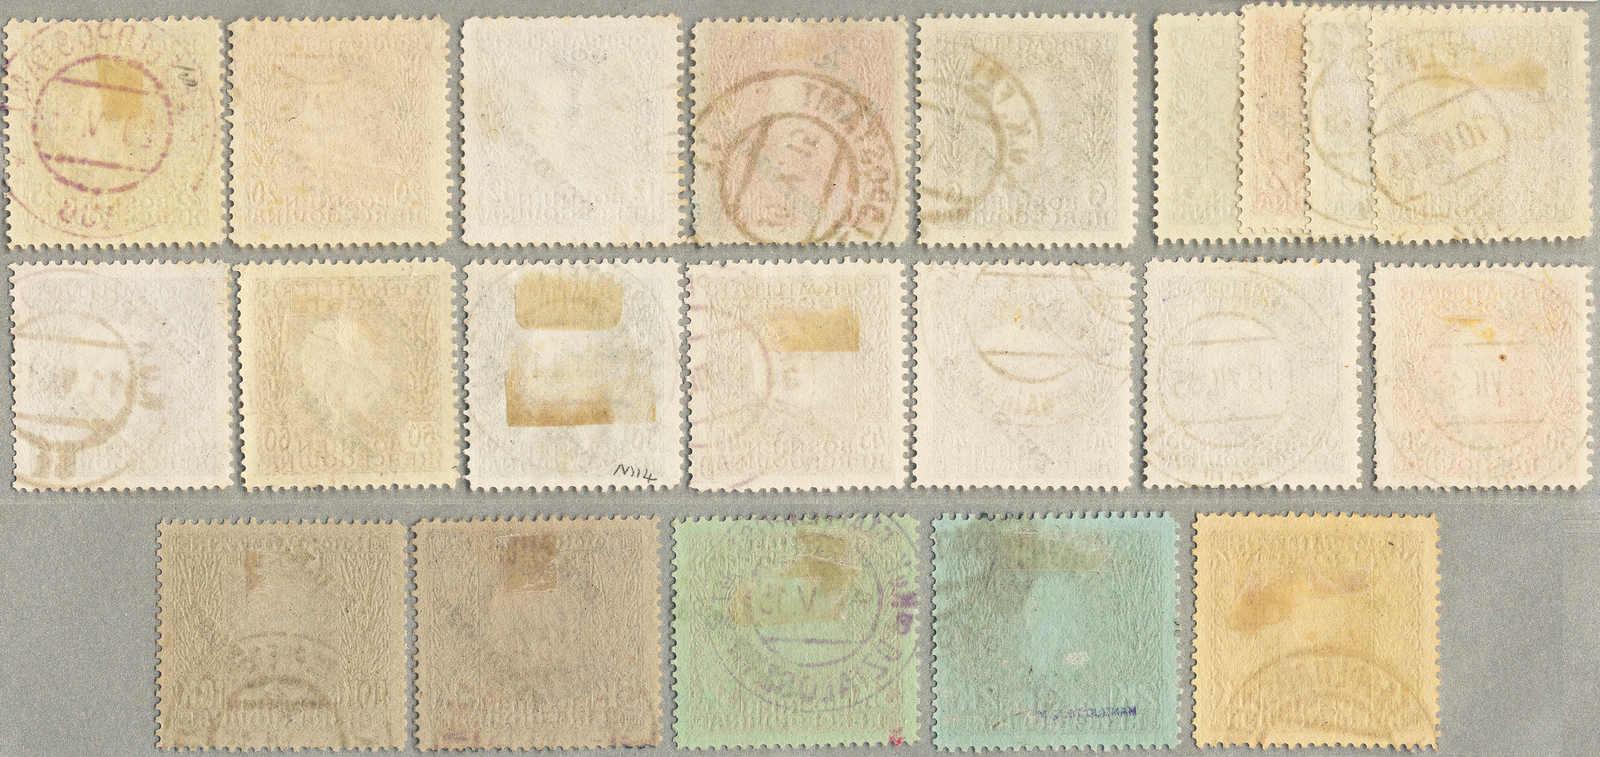 Lot 50719 - europa österreich feldpost allgemeine ausgaben -  classicphil GmbH 6'th classicphil Auction - Day 4